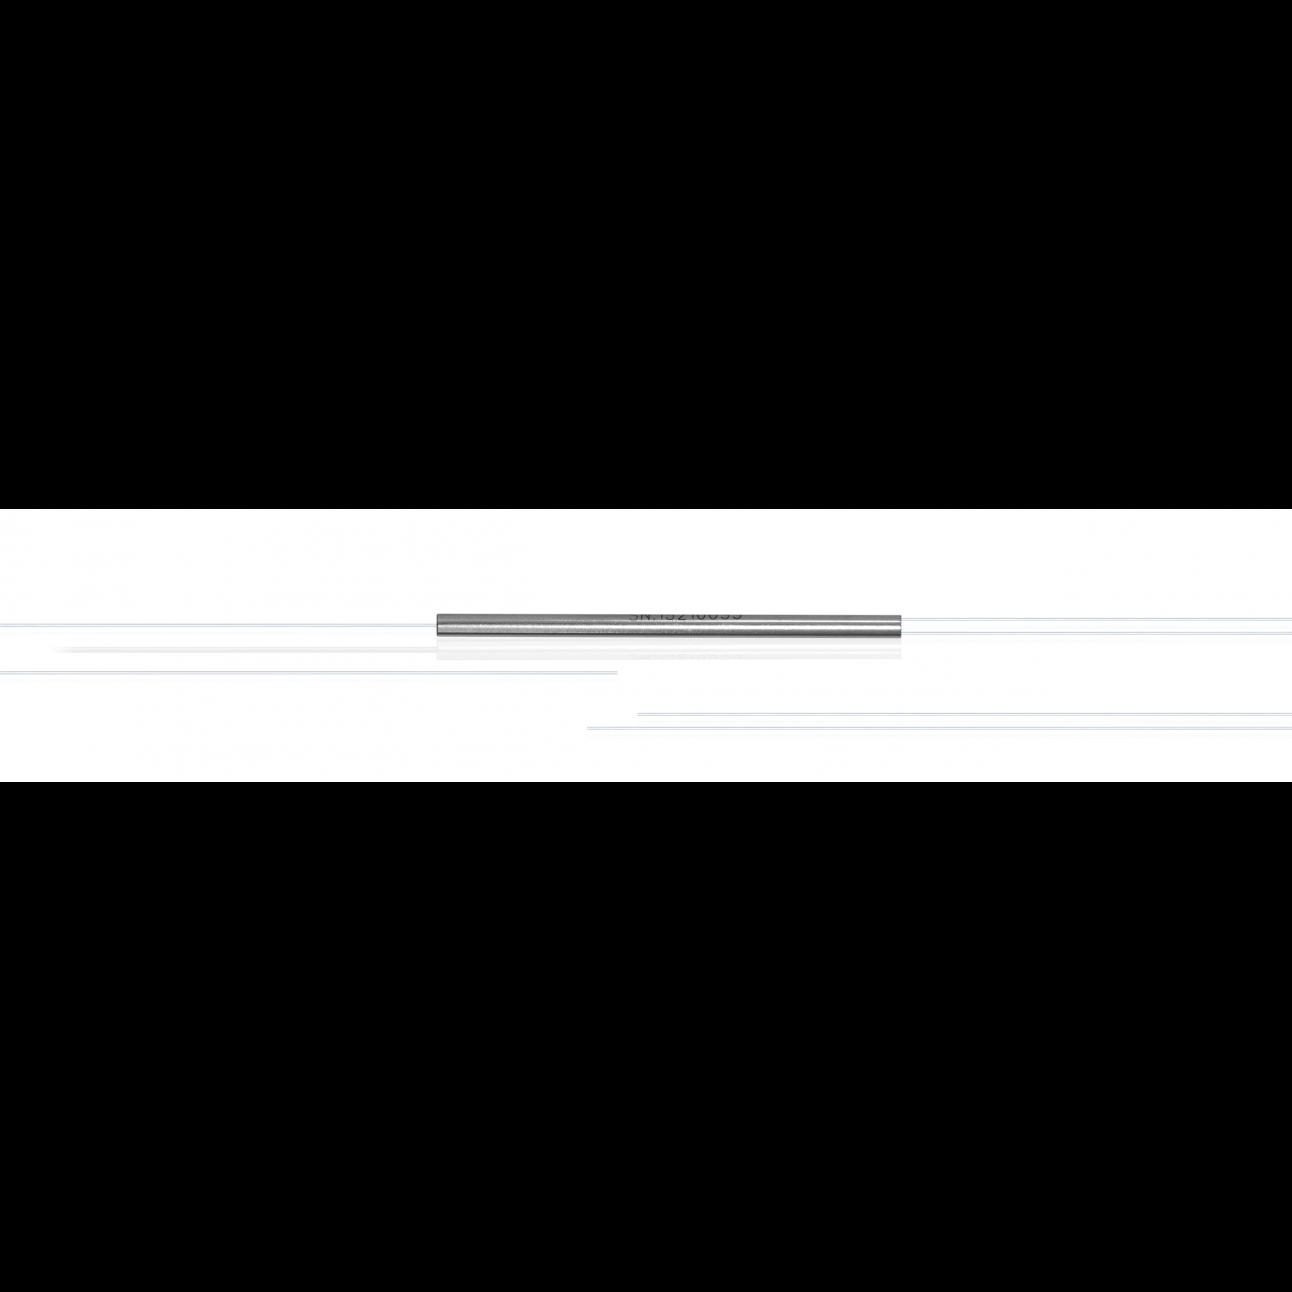 Делитель оптический бескорпусный буфер 225нм 1х2, 15/85, B-Optics (комплект из 2 шт.)